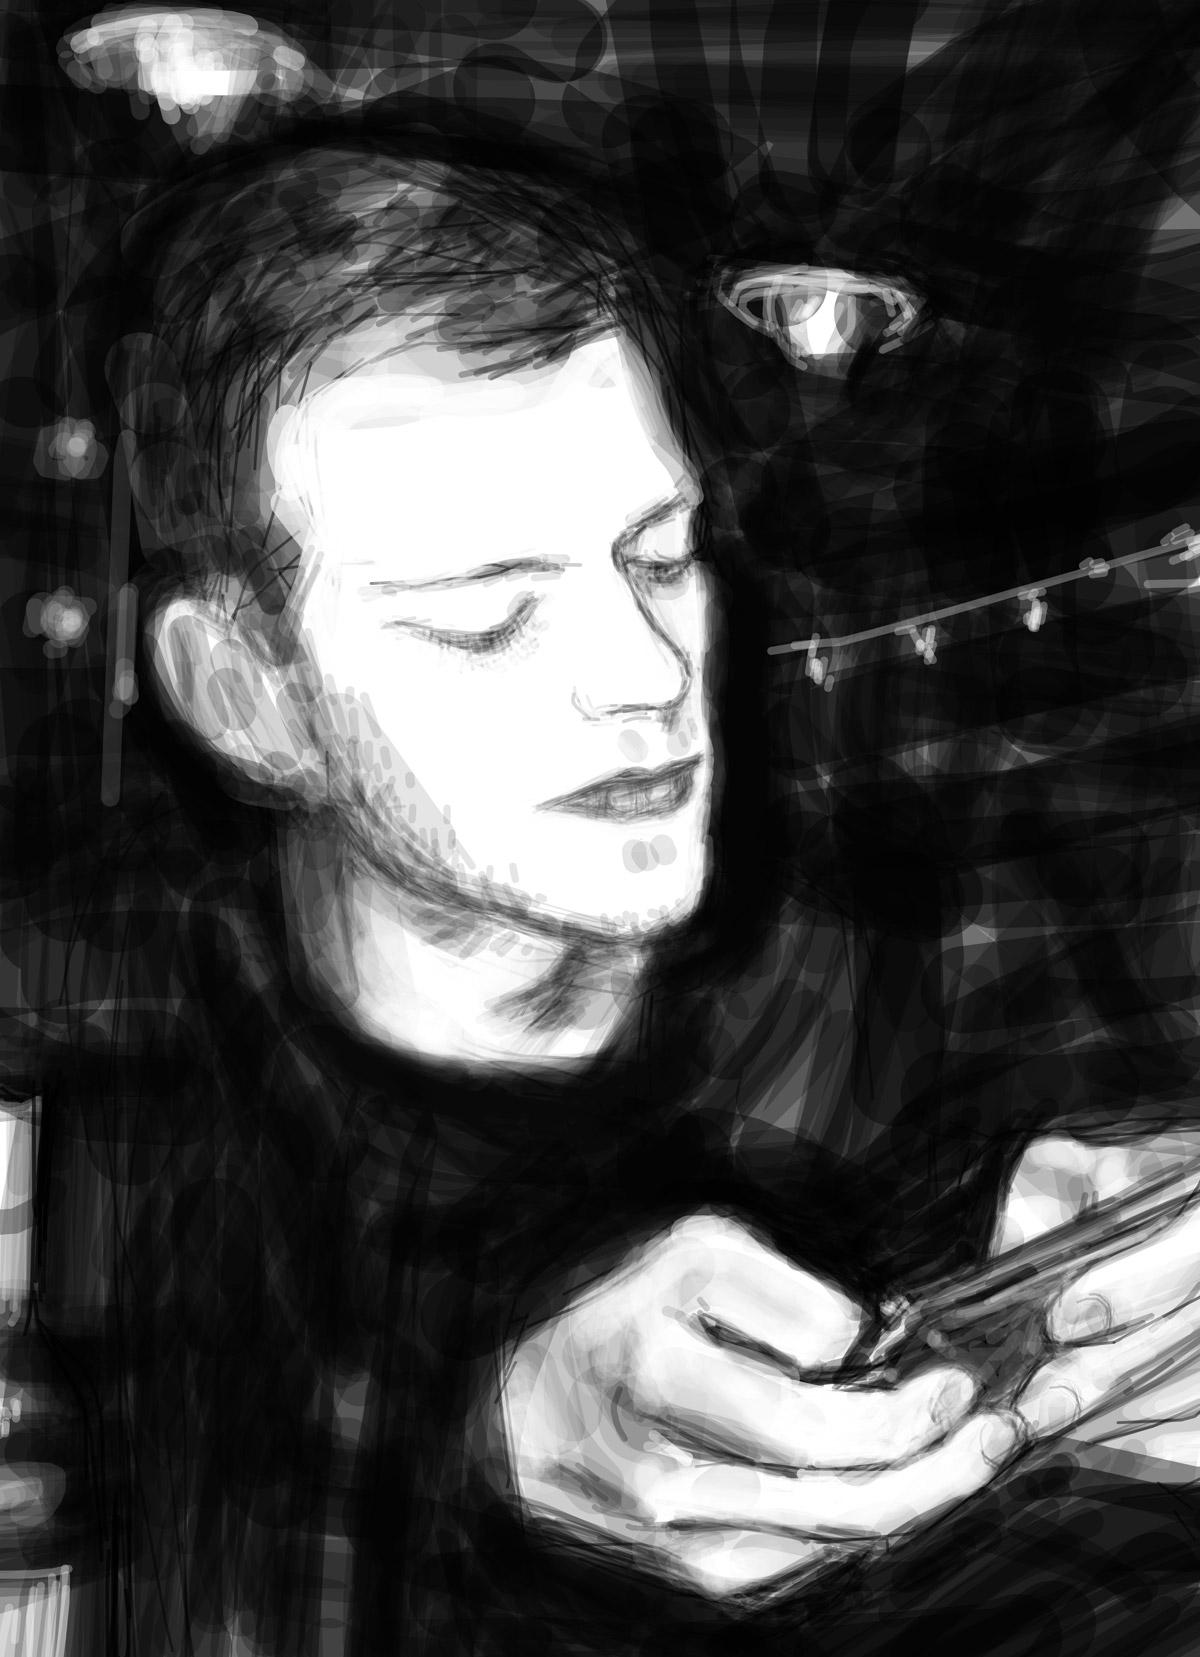 Antoine | Antoine | portrait réalisé sur Iphone